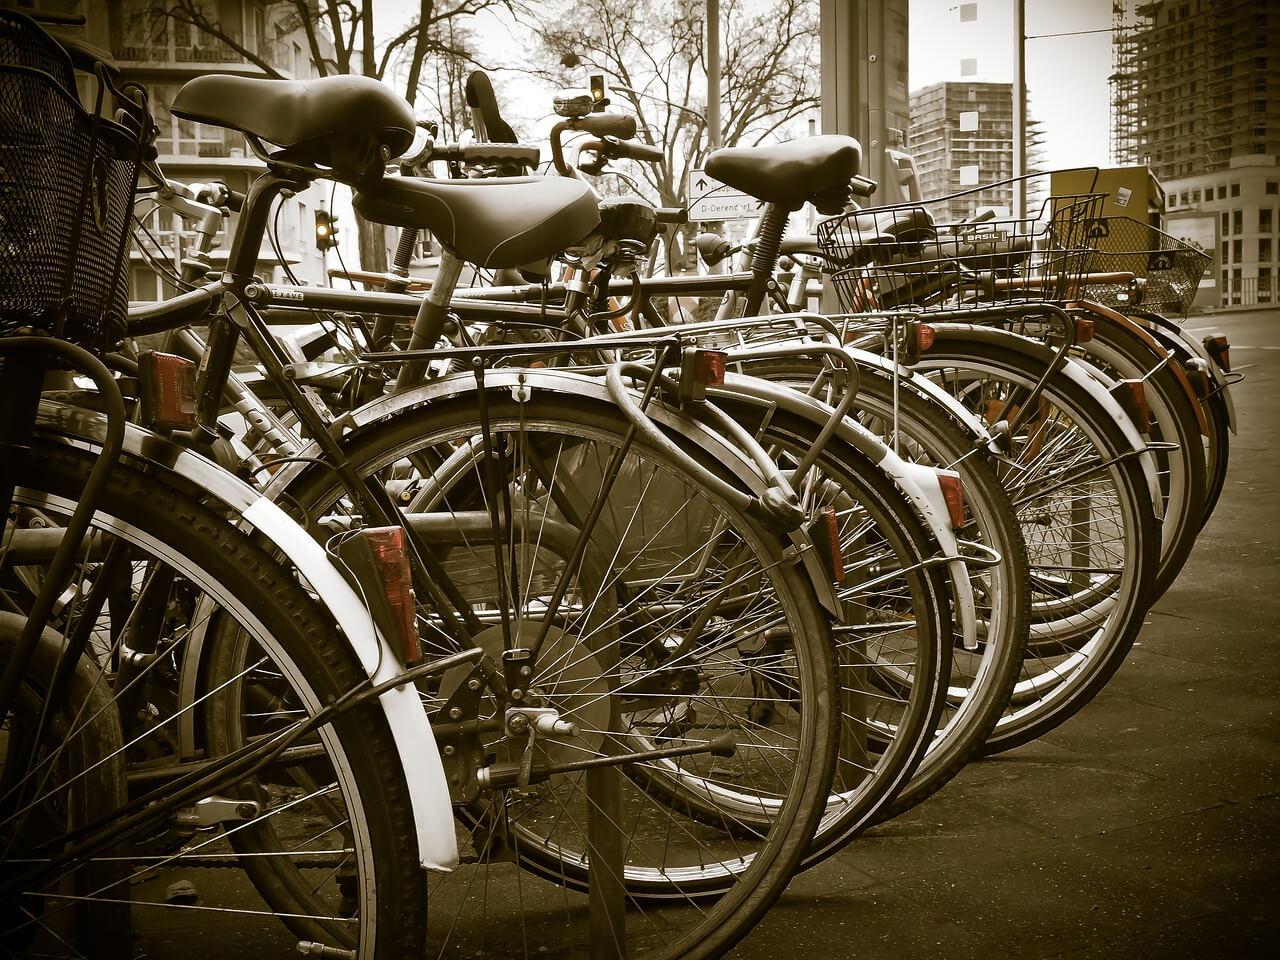 Florida Bicycle Safety Bill May Be Losing Its Teeth